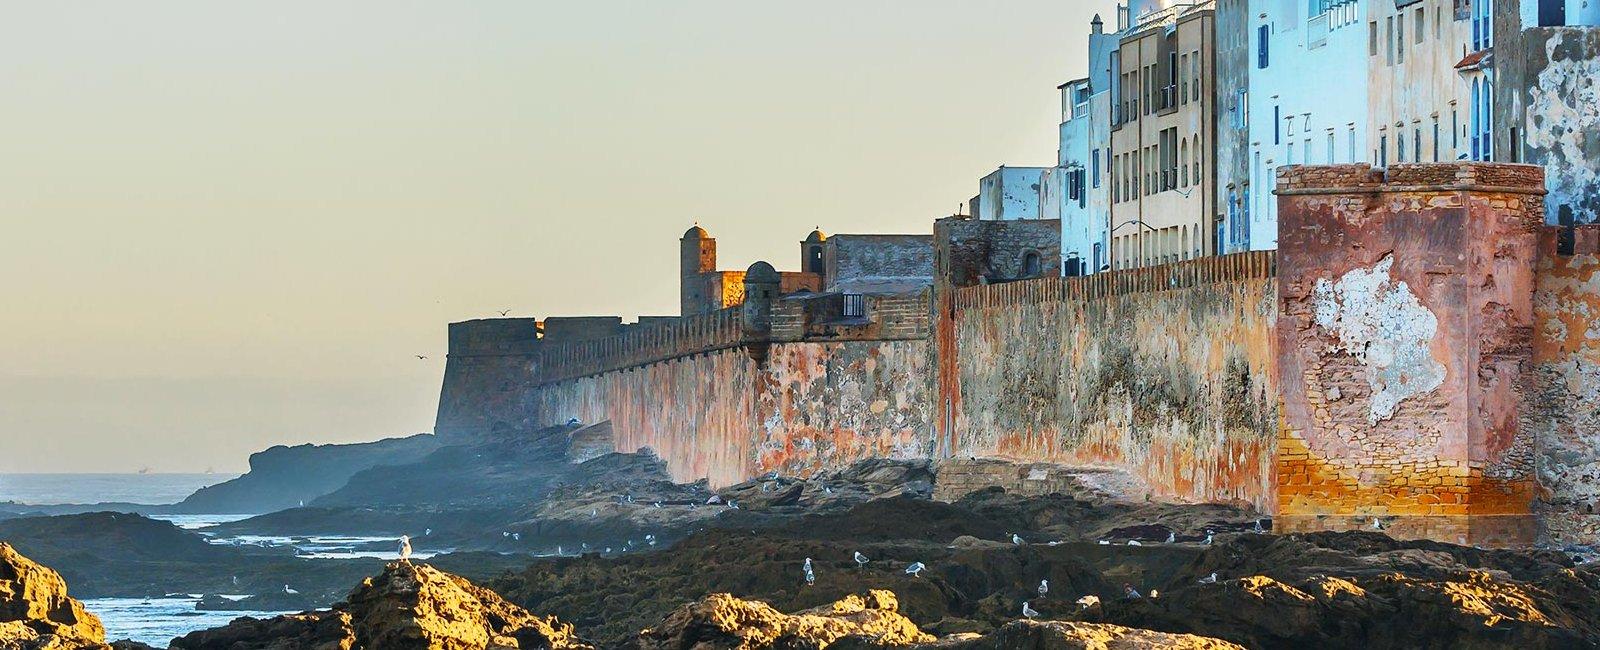 Voyage Organise Au Maroc Accompagne En Francais Voyages Traditours